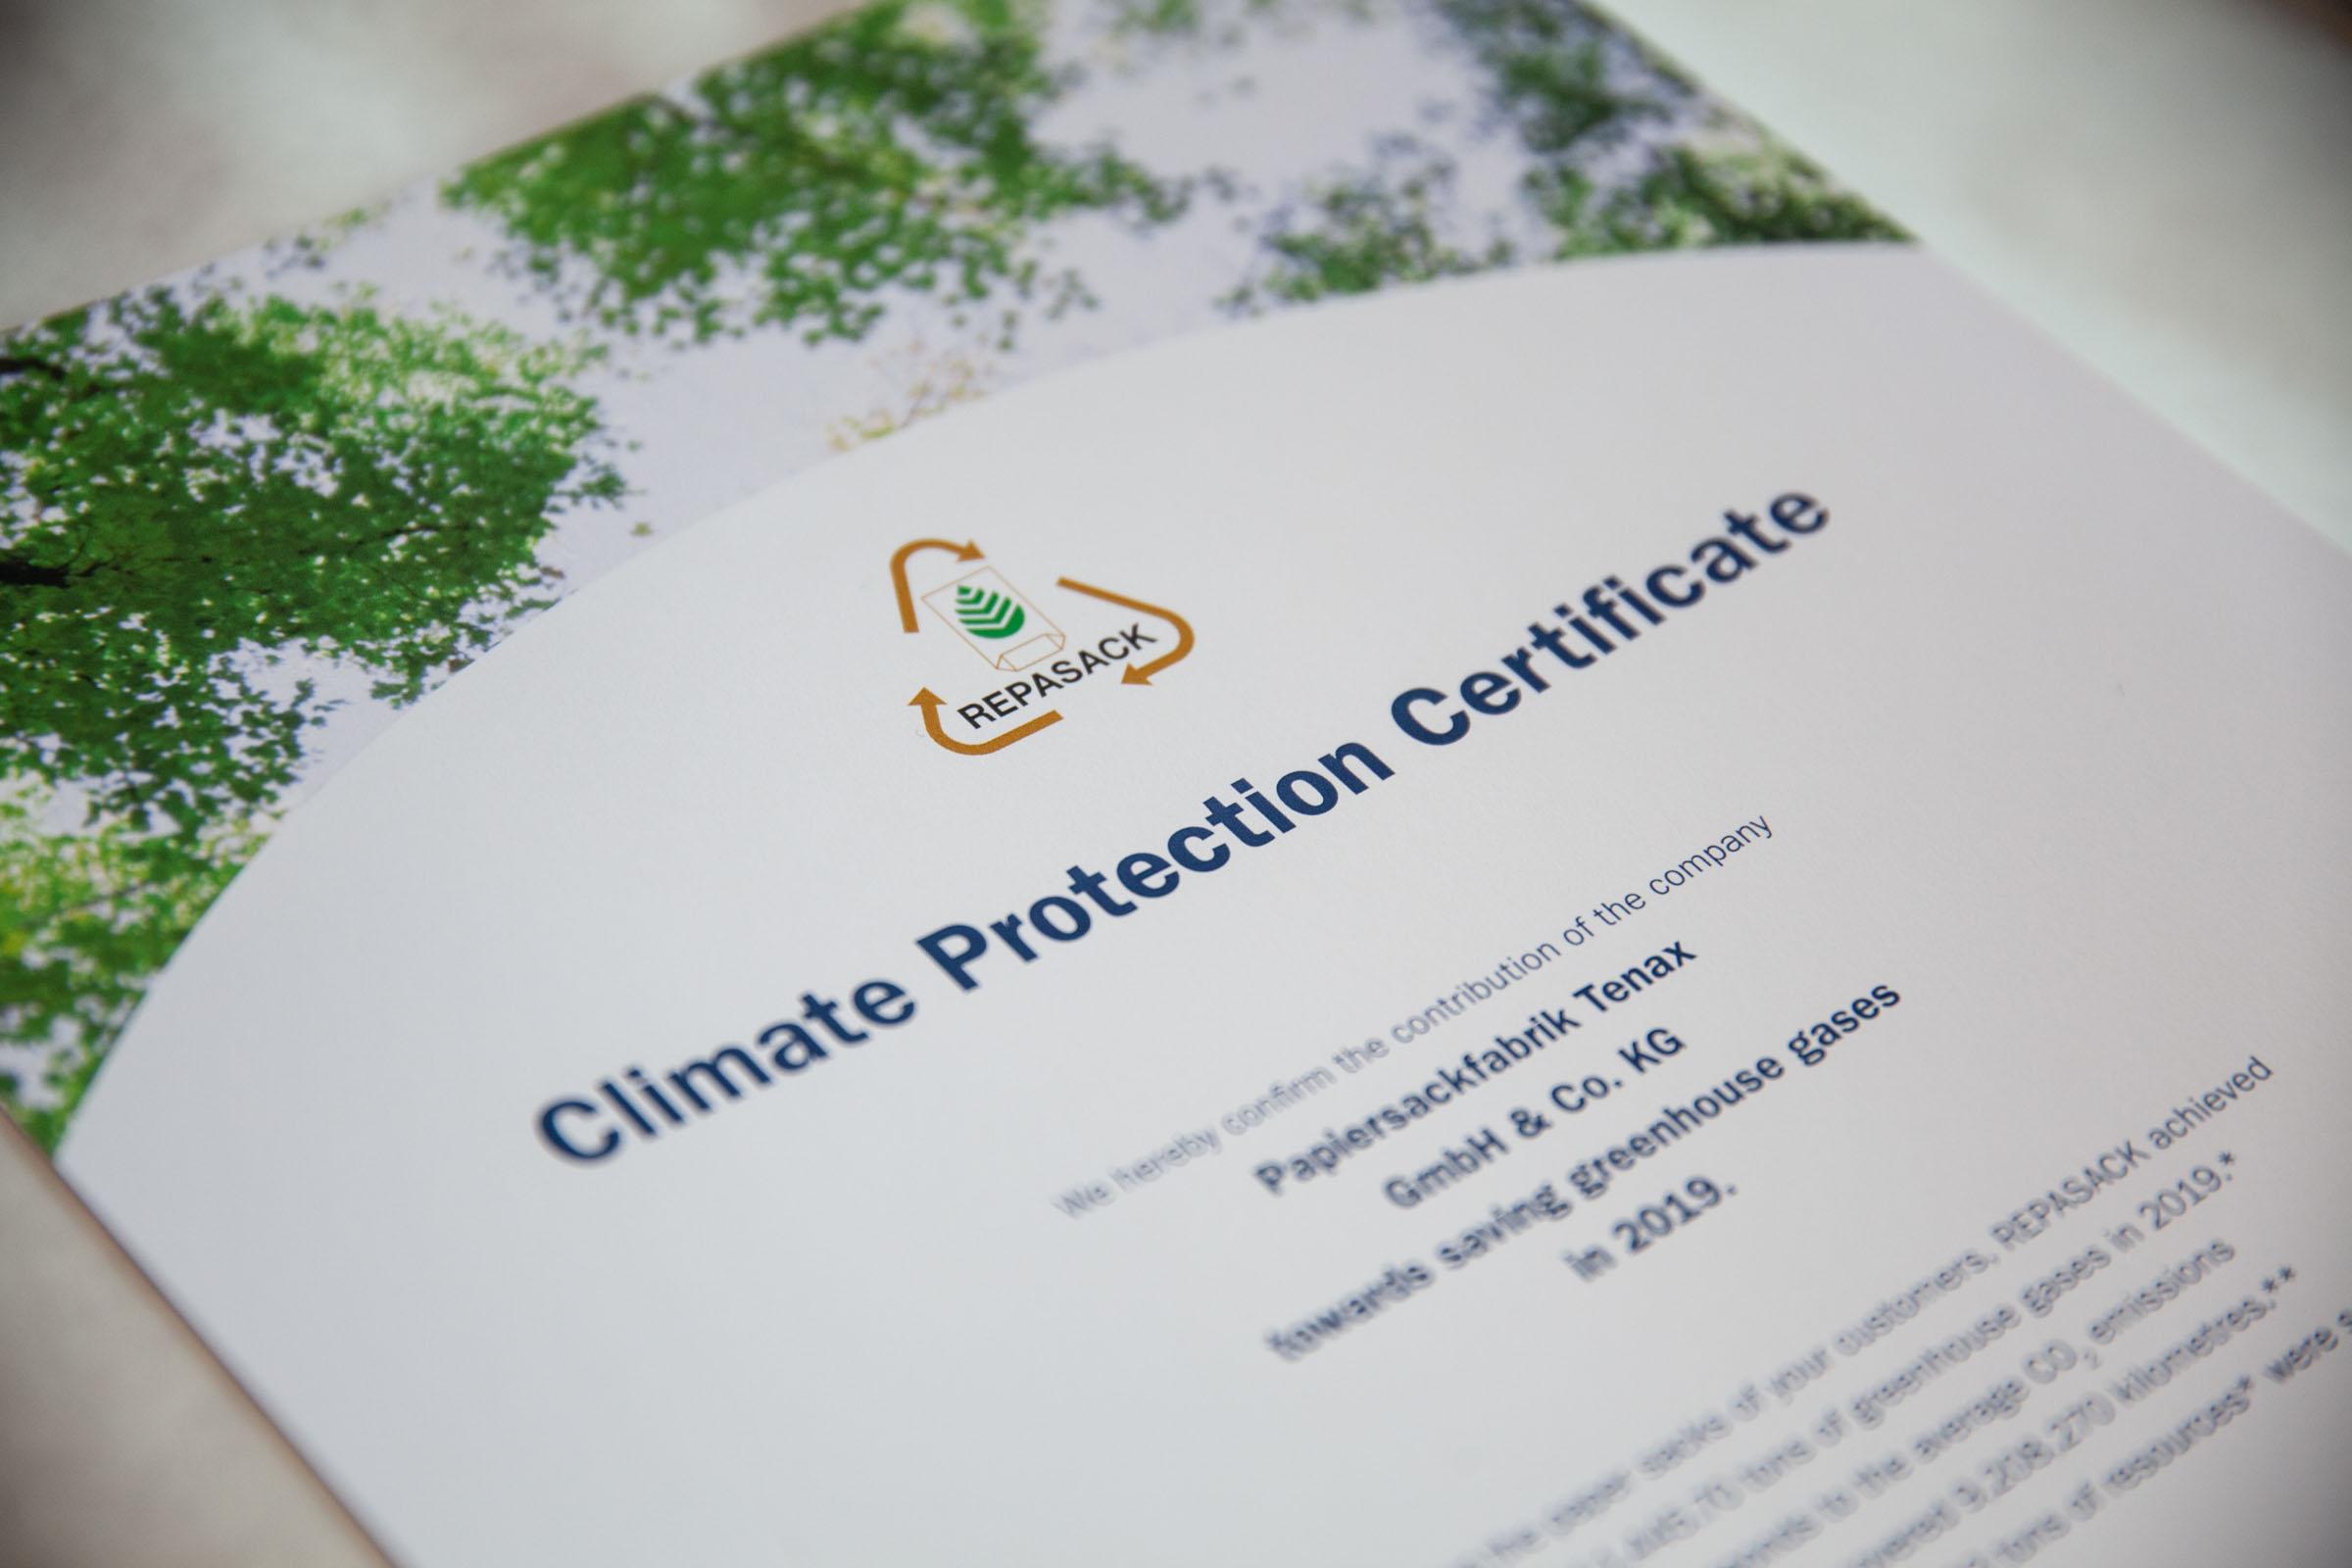 REPASACK-Klimazertifikat von TENAX